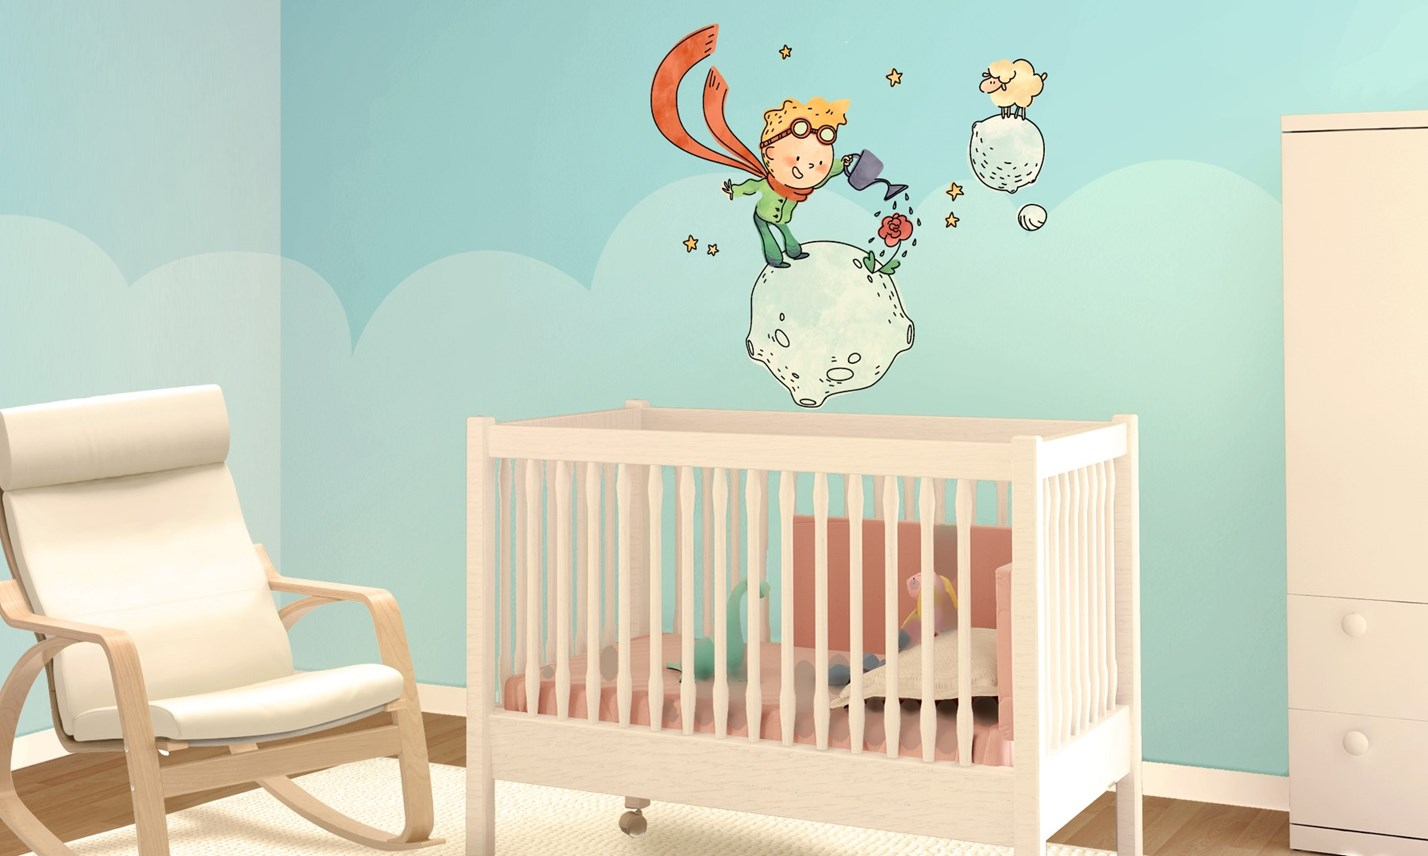 Muri Camerette Per Bambini stickers murali bambini - cameretta il piccolo principe